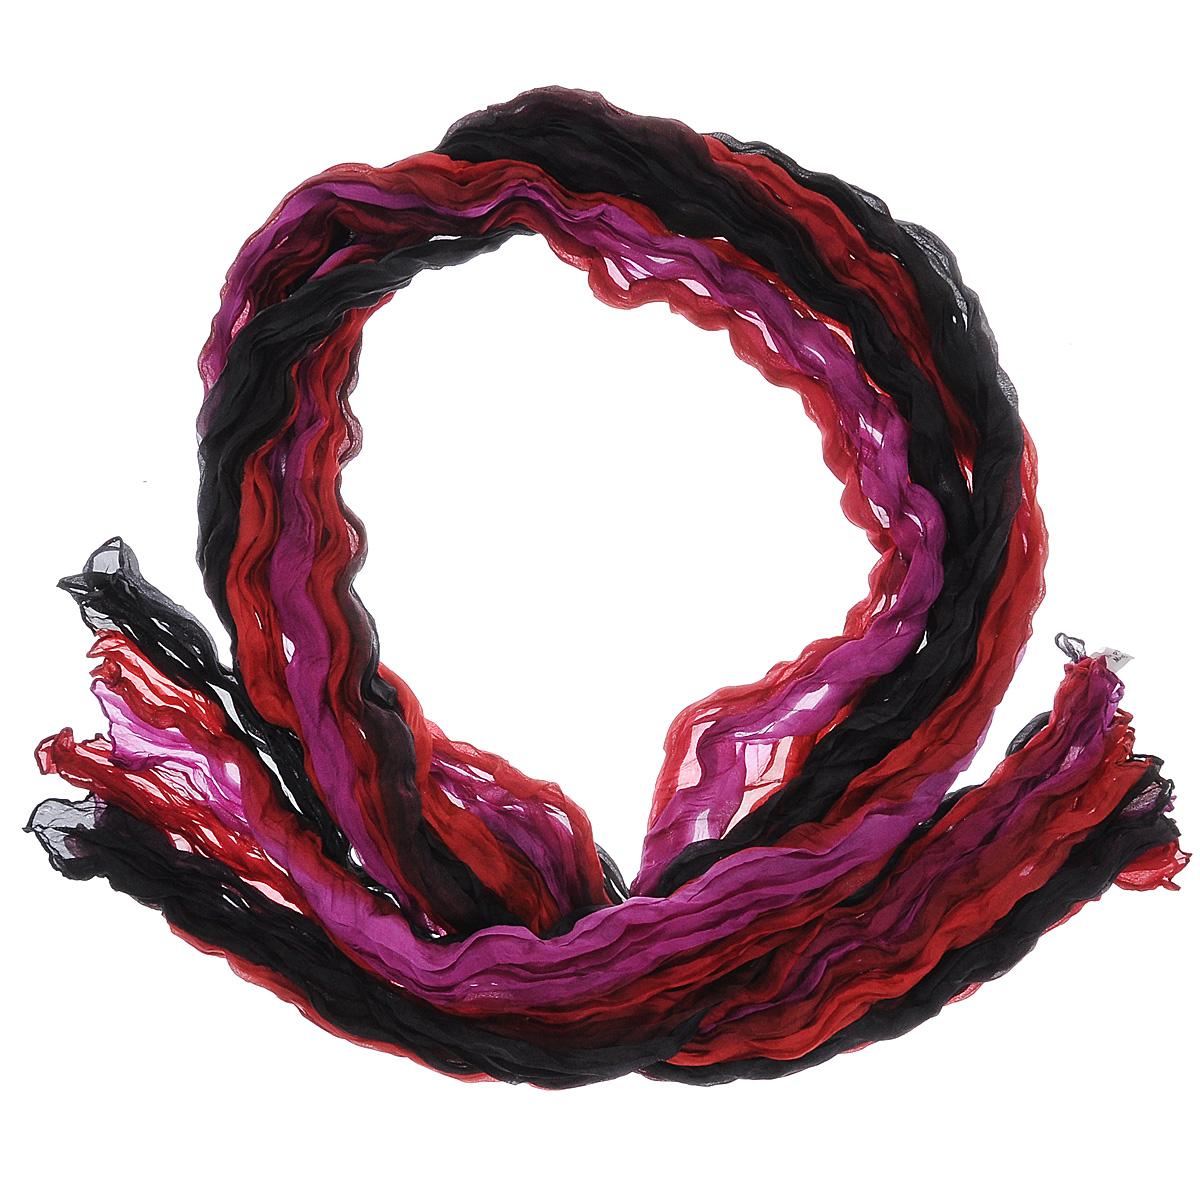 Шарф415260нЭлегантный шарф Ethnica станет изысканным нарядным аксессуаром, который призван подчеркнуть индивидуальность и очарование женщины. Шарф жатой фактуры выполнен из 100% шелка и оформлен цветными полосками. Этот модный аксессуар женского гардероба гармонично дополнит образ современной женщины, следящей за своим имиджем и стремящейся всегда оставаться стильной и элегантной. В этом шарфе вы всегда будете выглядеть женственной и привлекательной.